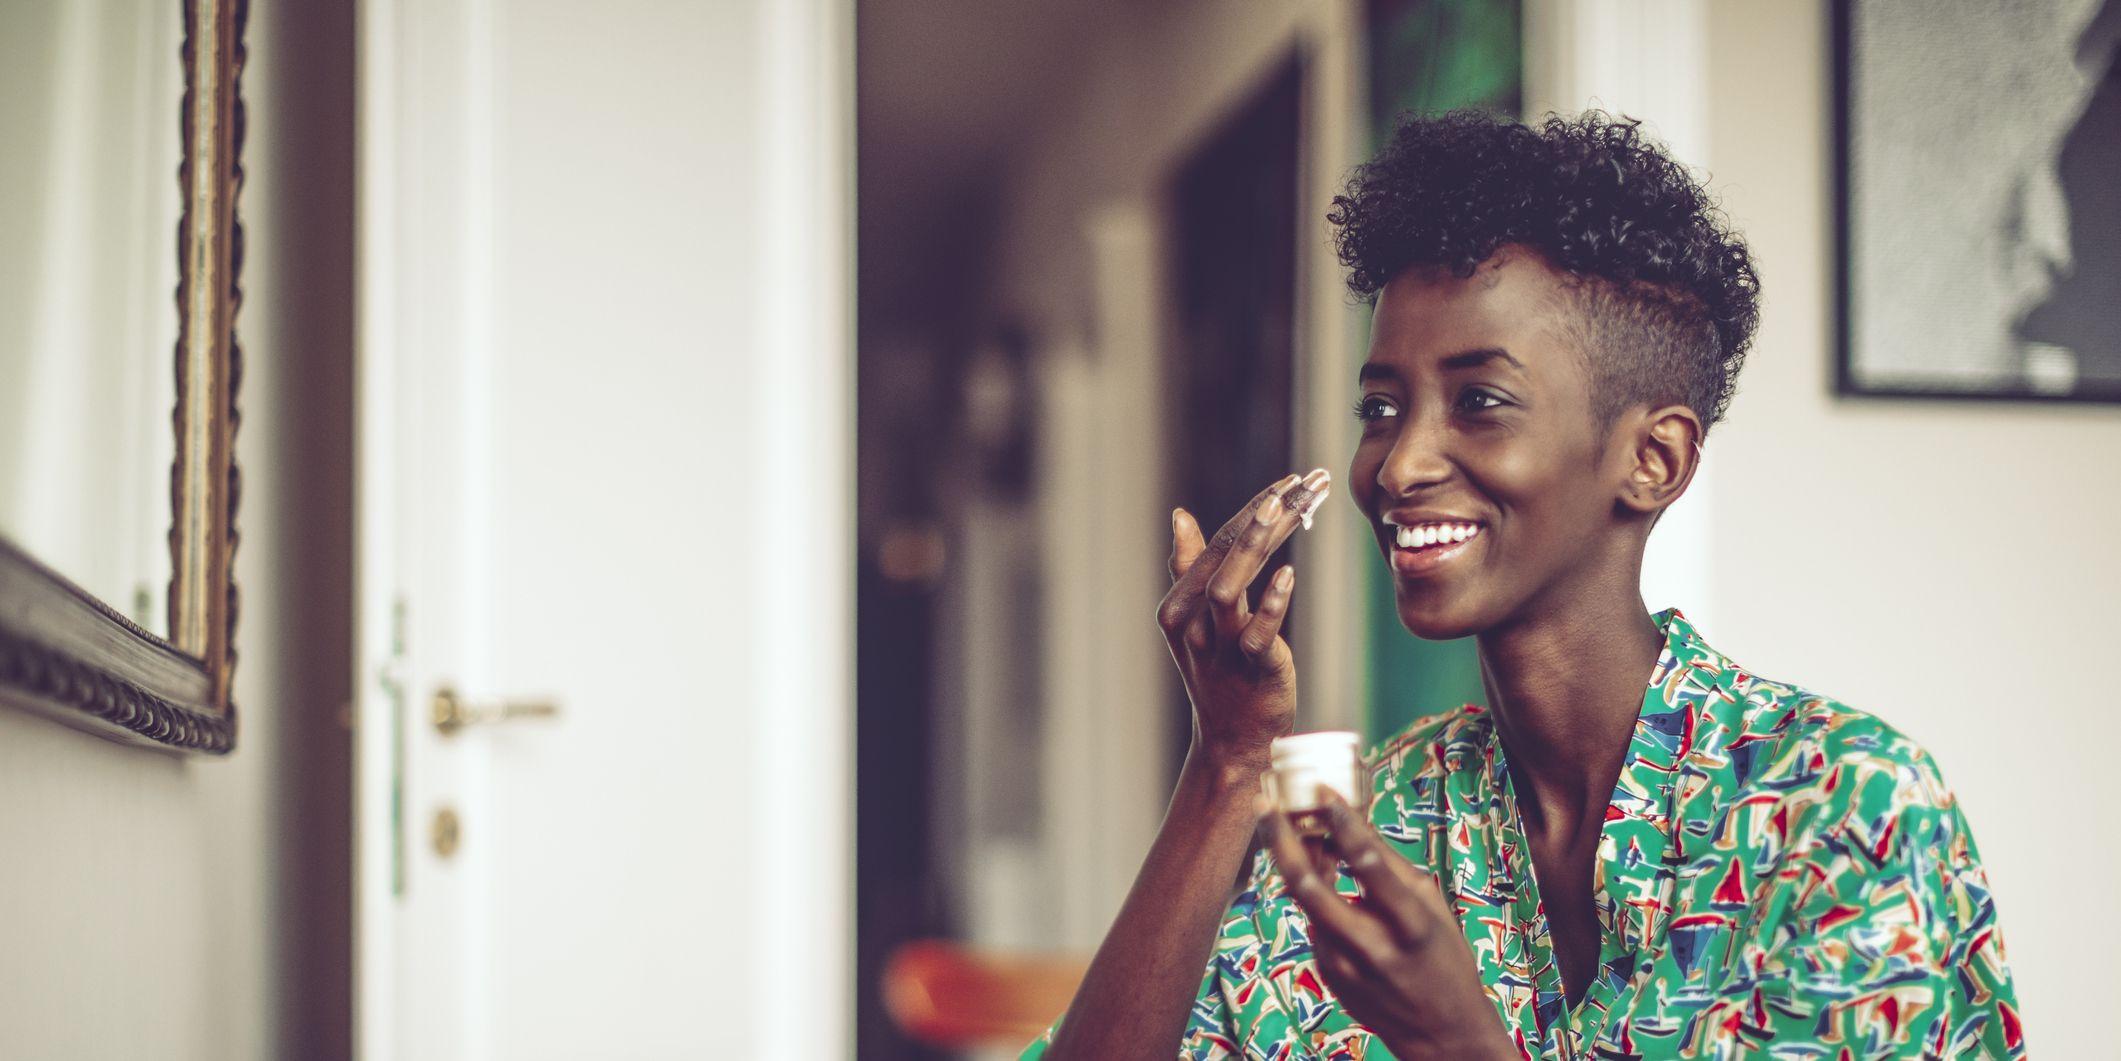 Mushroom-based Skincare: Is it Worth It? - Women's Health UK